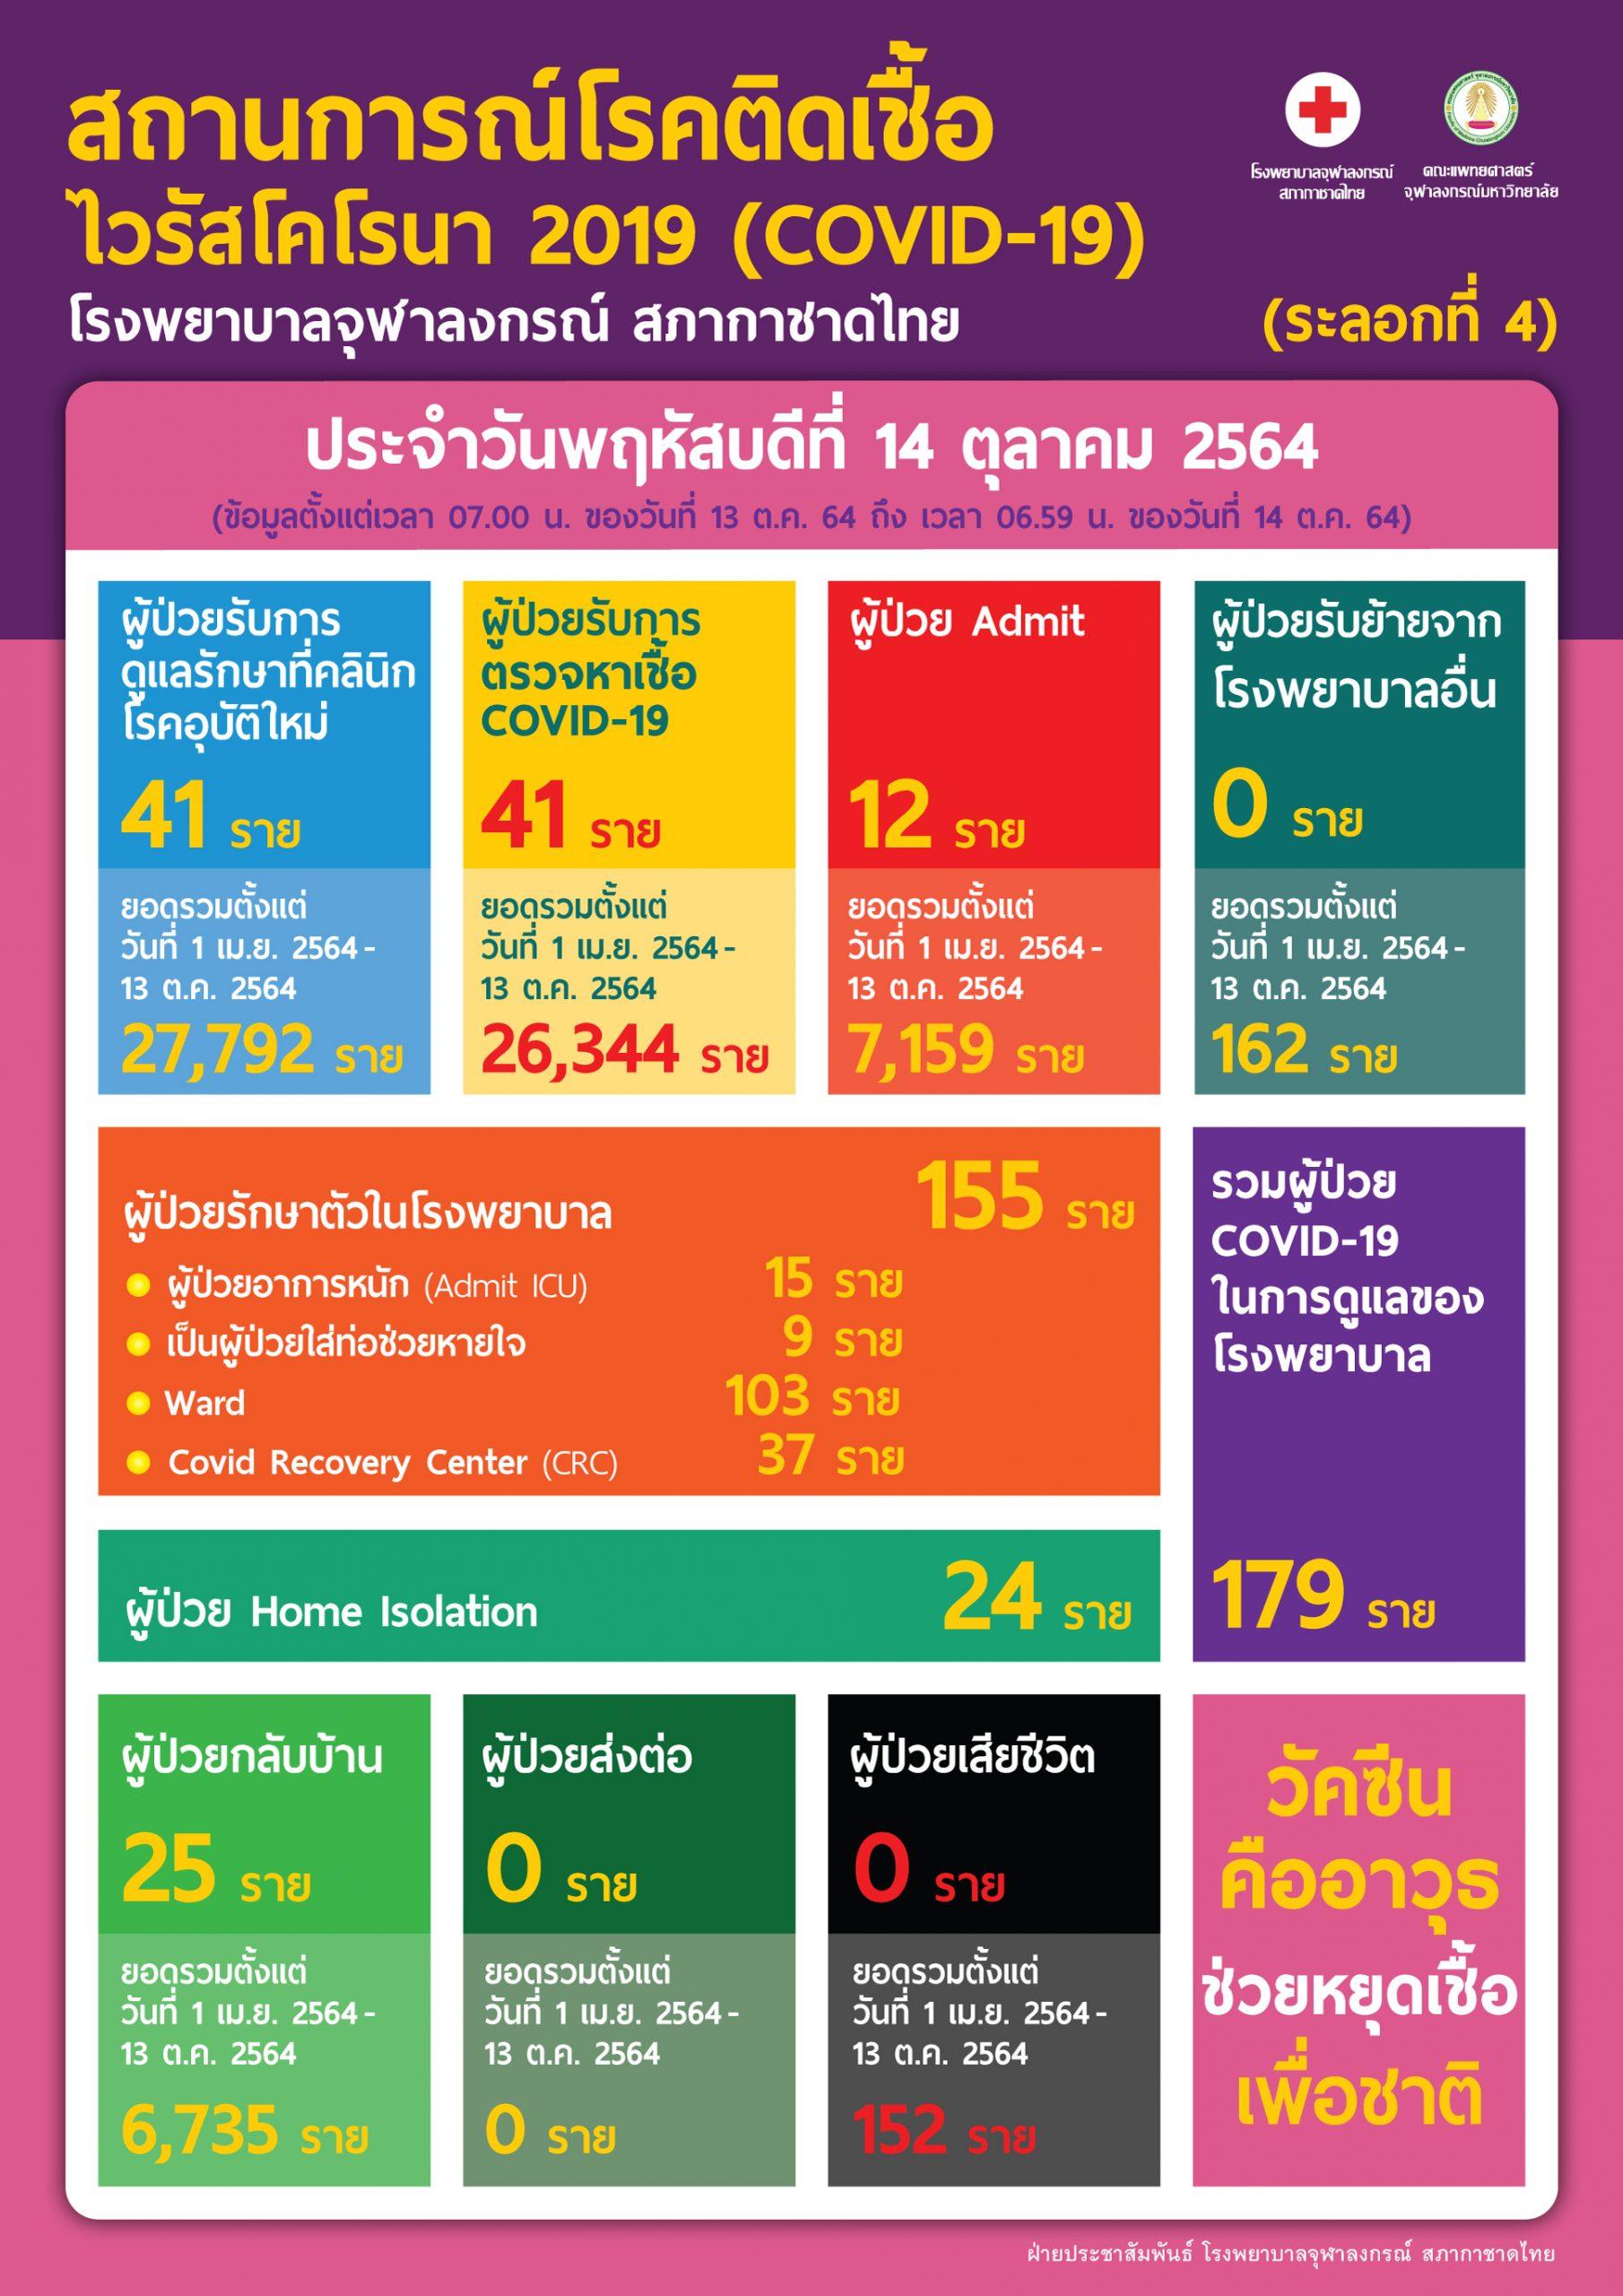 สถานการณ์โรคติดเชื้อไวรัสโคโรนา 2019 (COVID-19) (ระลอกที่ 4) โรงพยาบาลจุฬาลงกรณ์ สภากาชาดไทย ประจำวันพฤหัสบดีที่ 14 ตุลาคม 2564